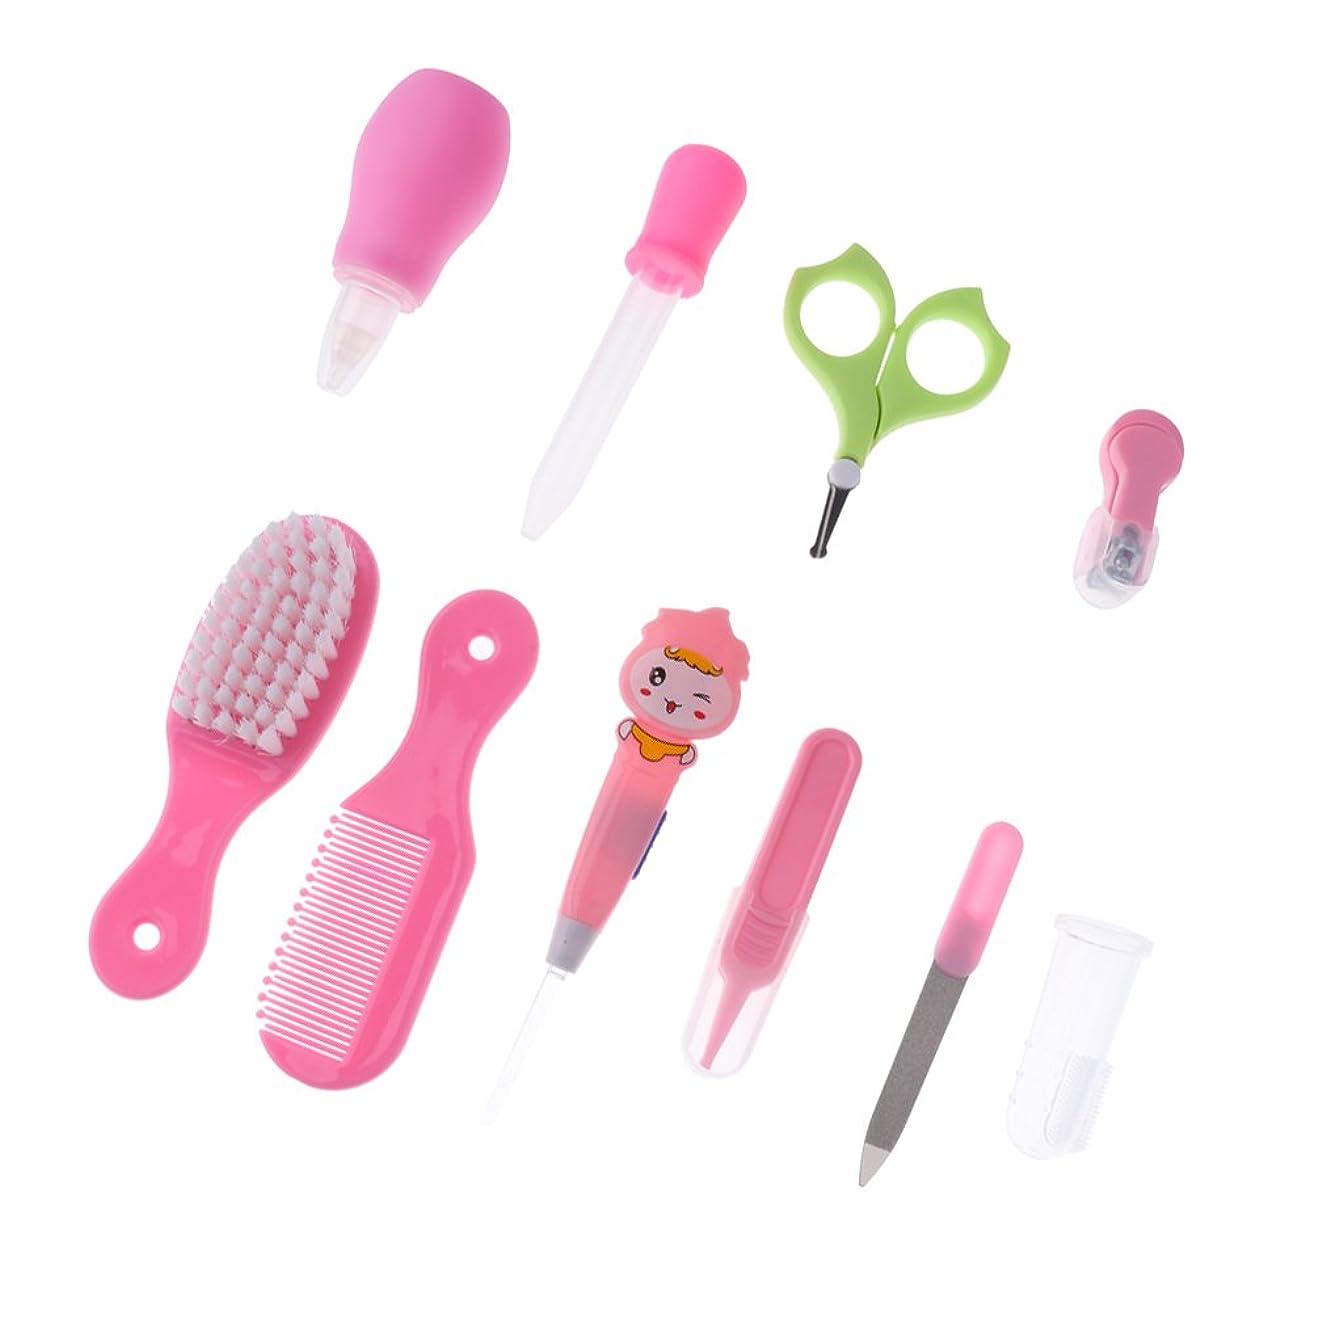 ひばり稚魚タブレットGRALARA プラスチック 10本  爪 ヘア ケア グルーミング ブラシ キット  赤ちゃん 子供 全2色 - ピンク